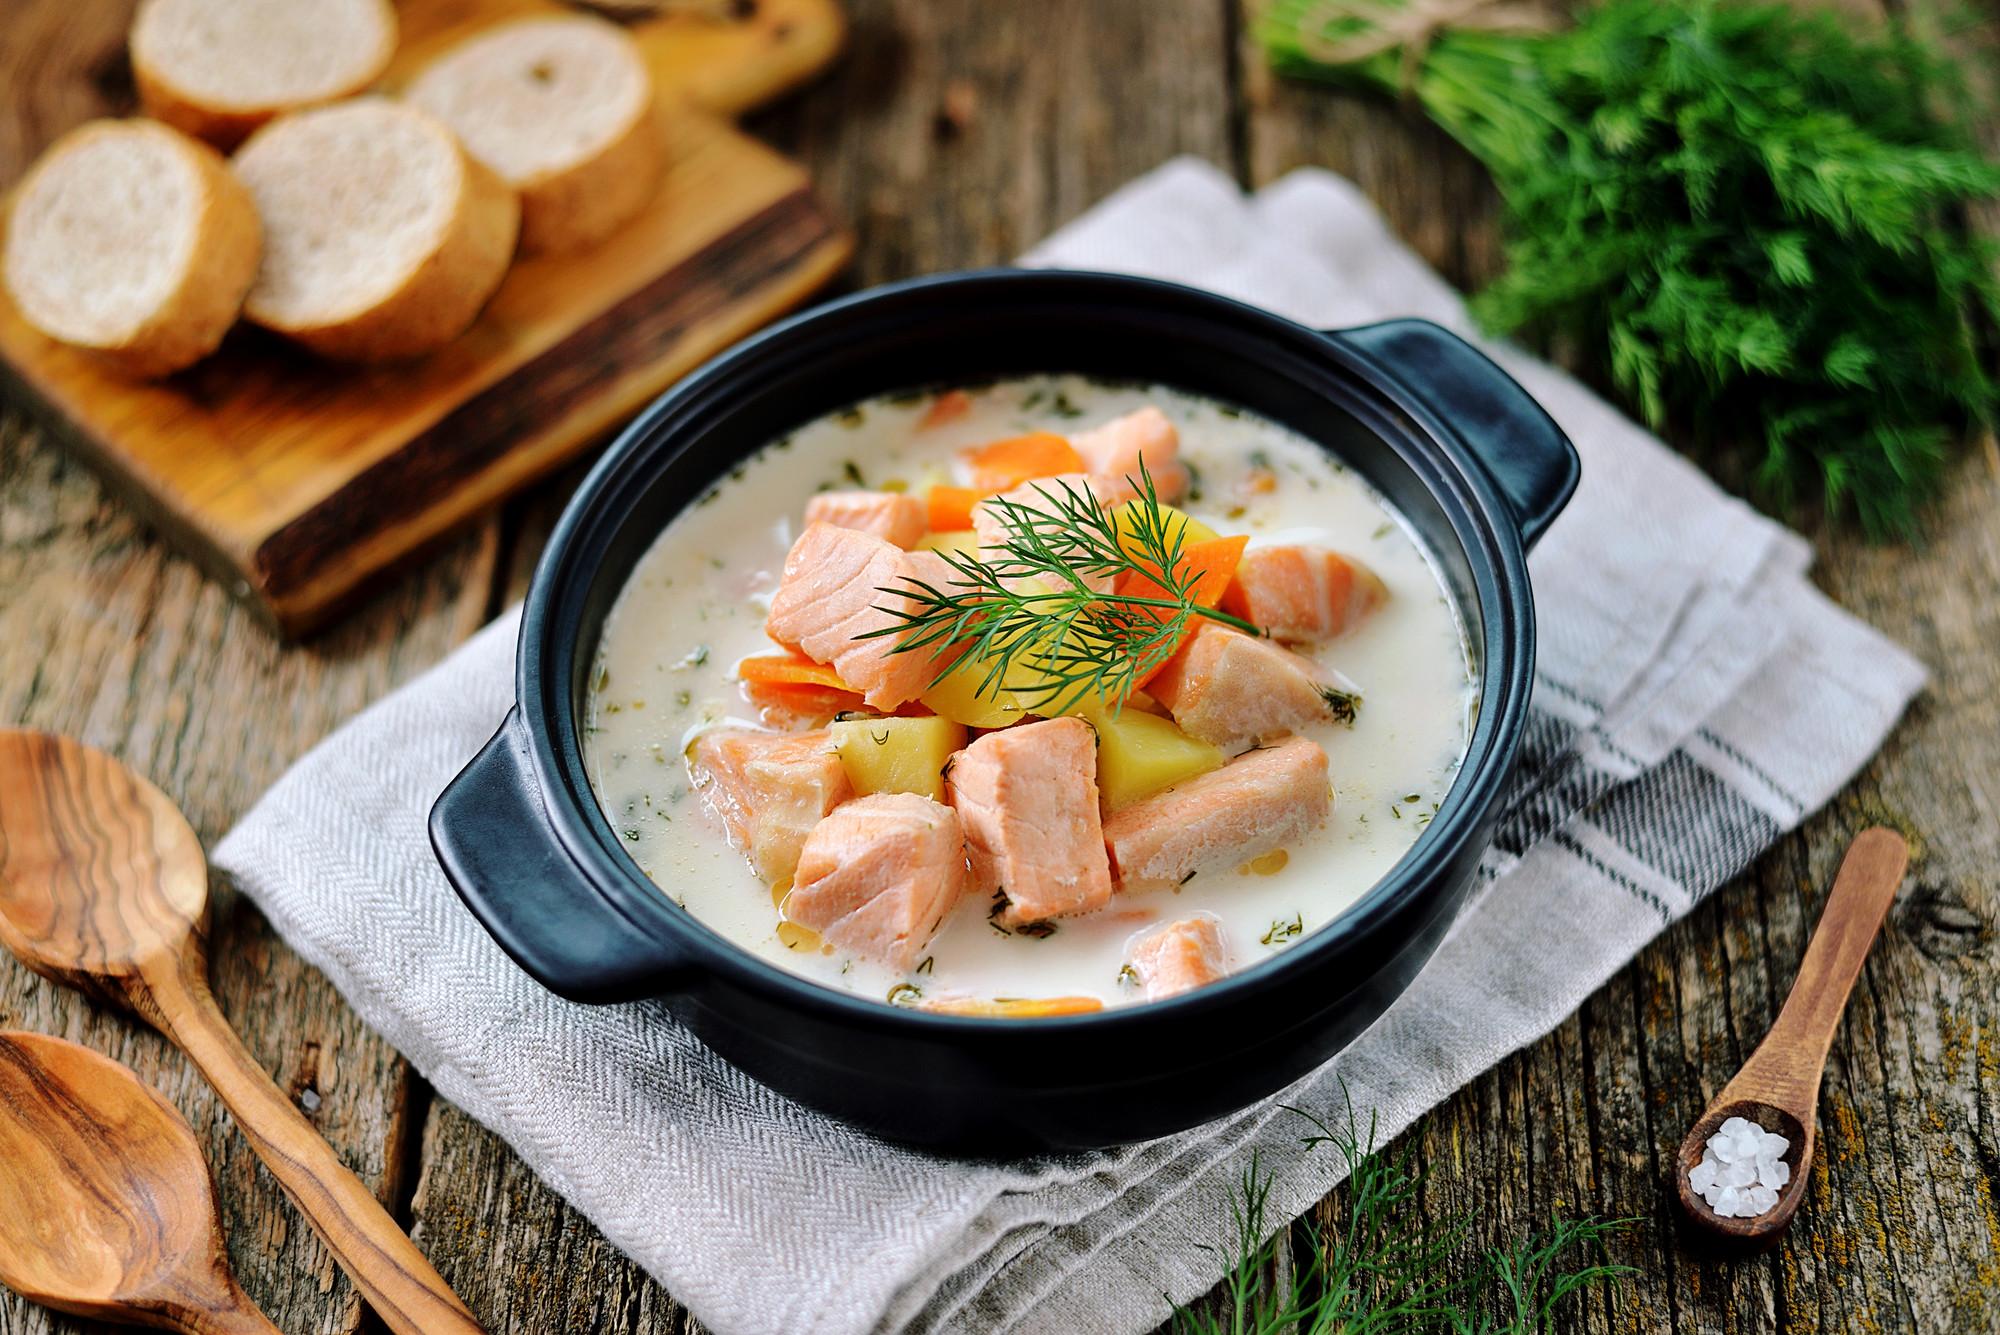 Finnish Cuisine